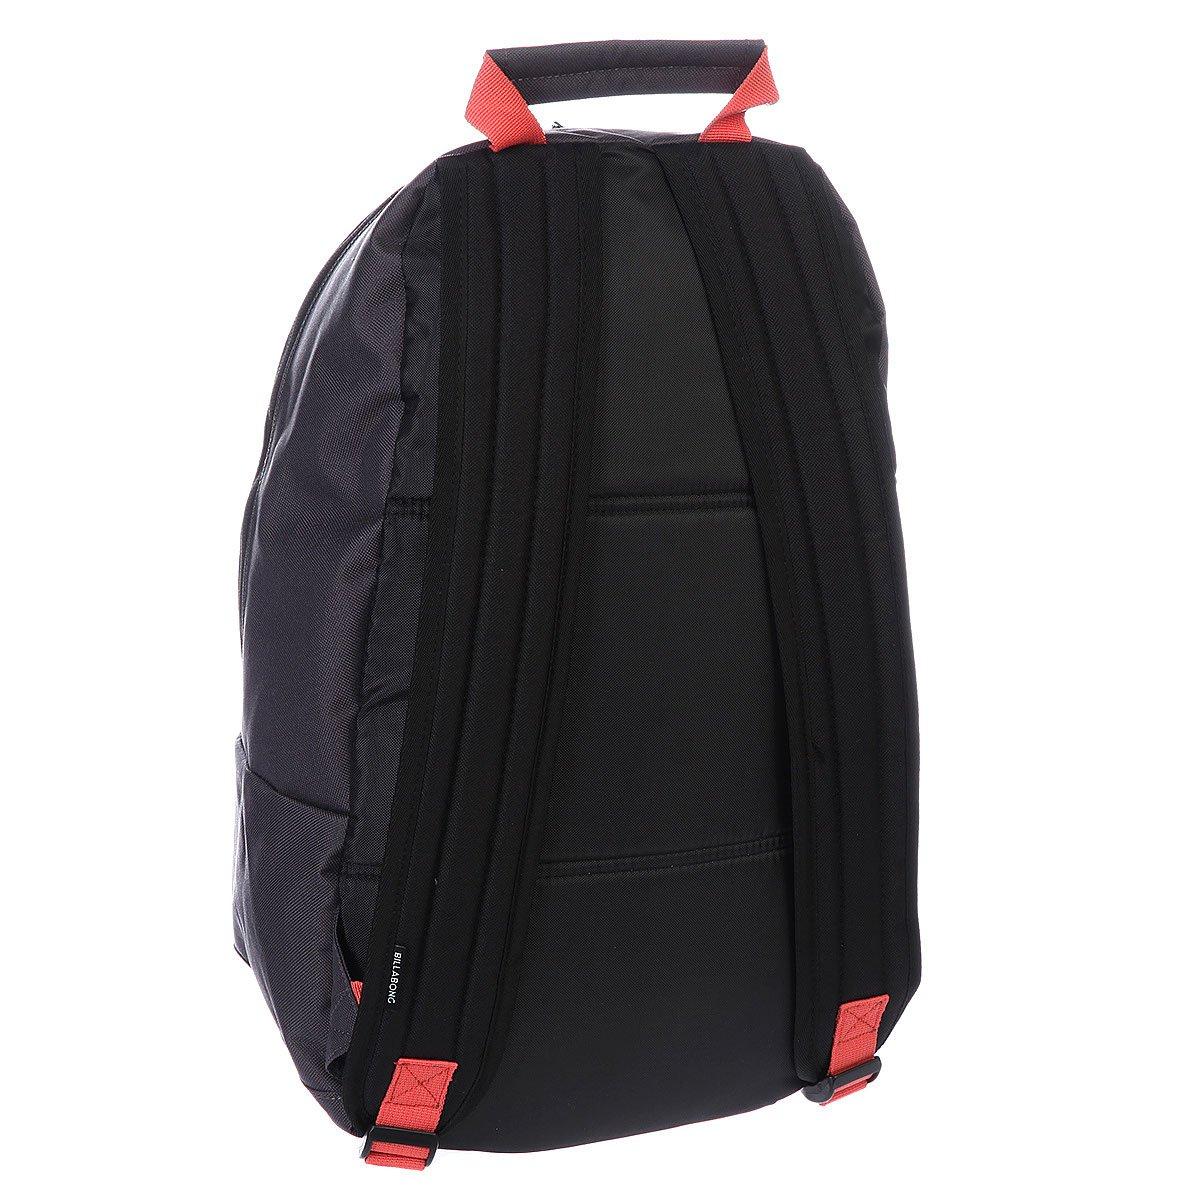 29196b51dda9 Купить рюкзак городской Billabong Highway Backpack 18L Asphalt в ...